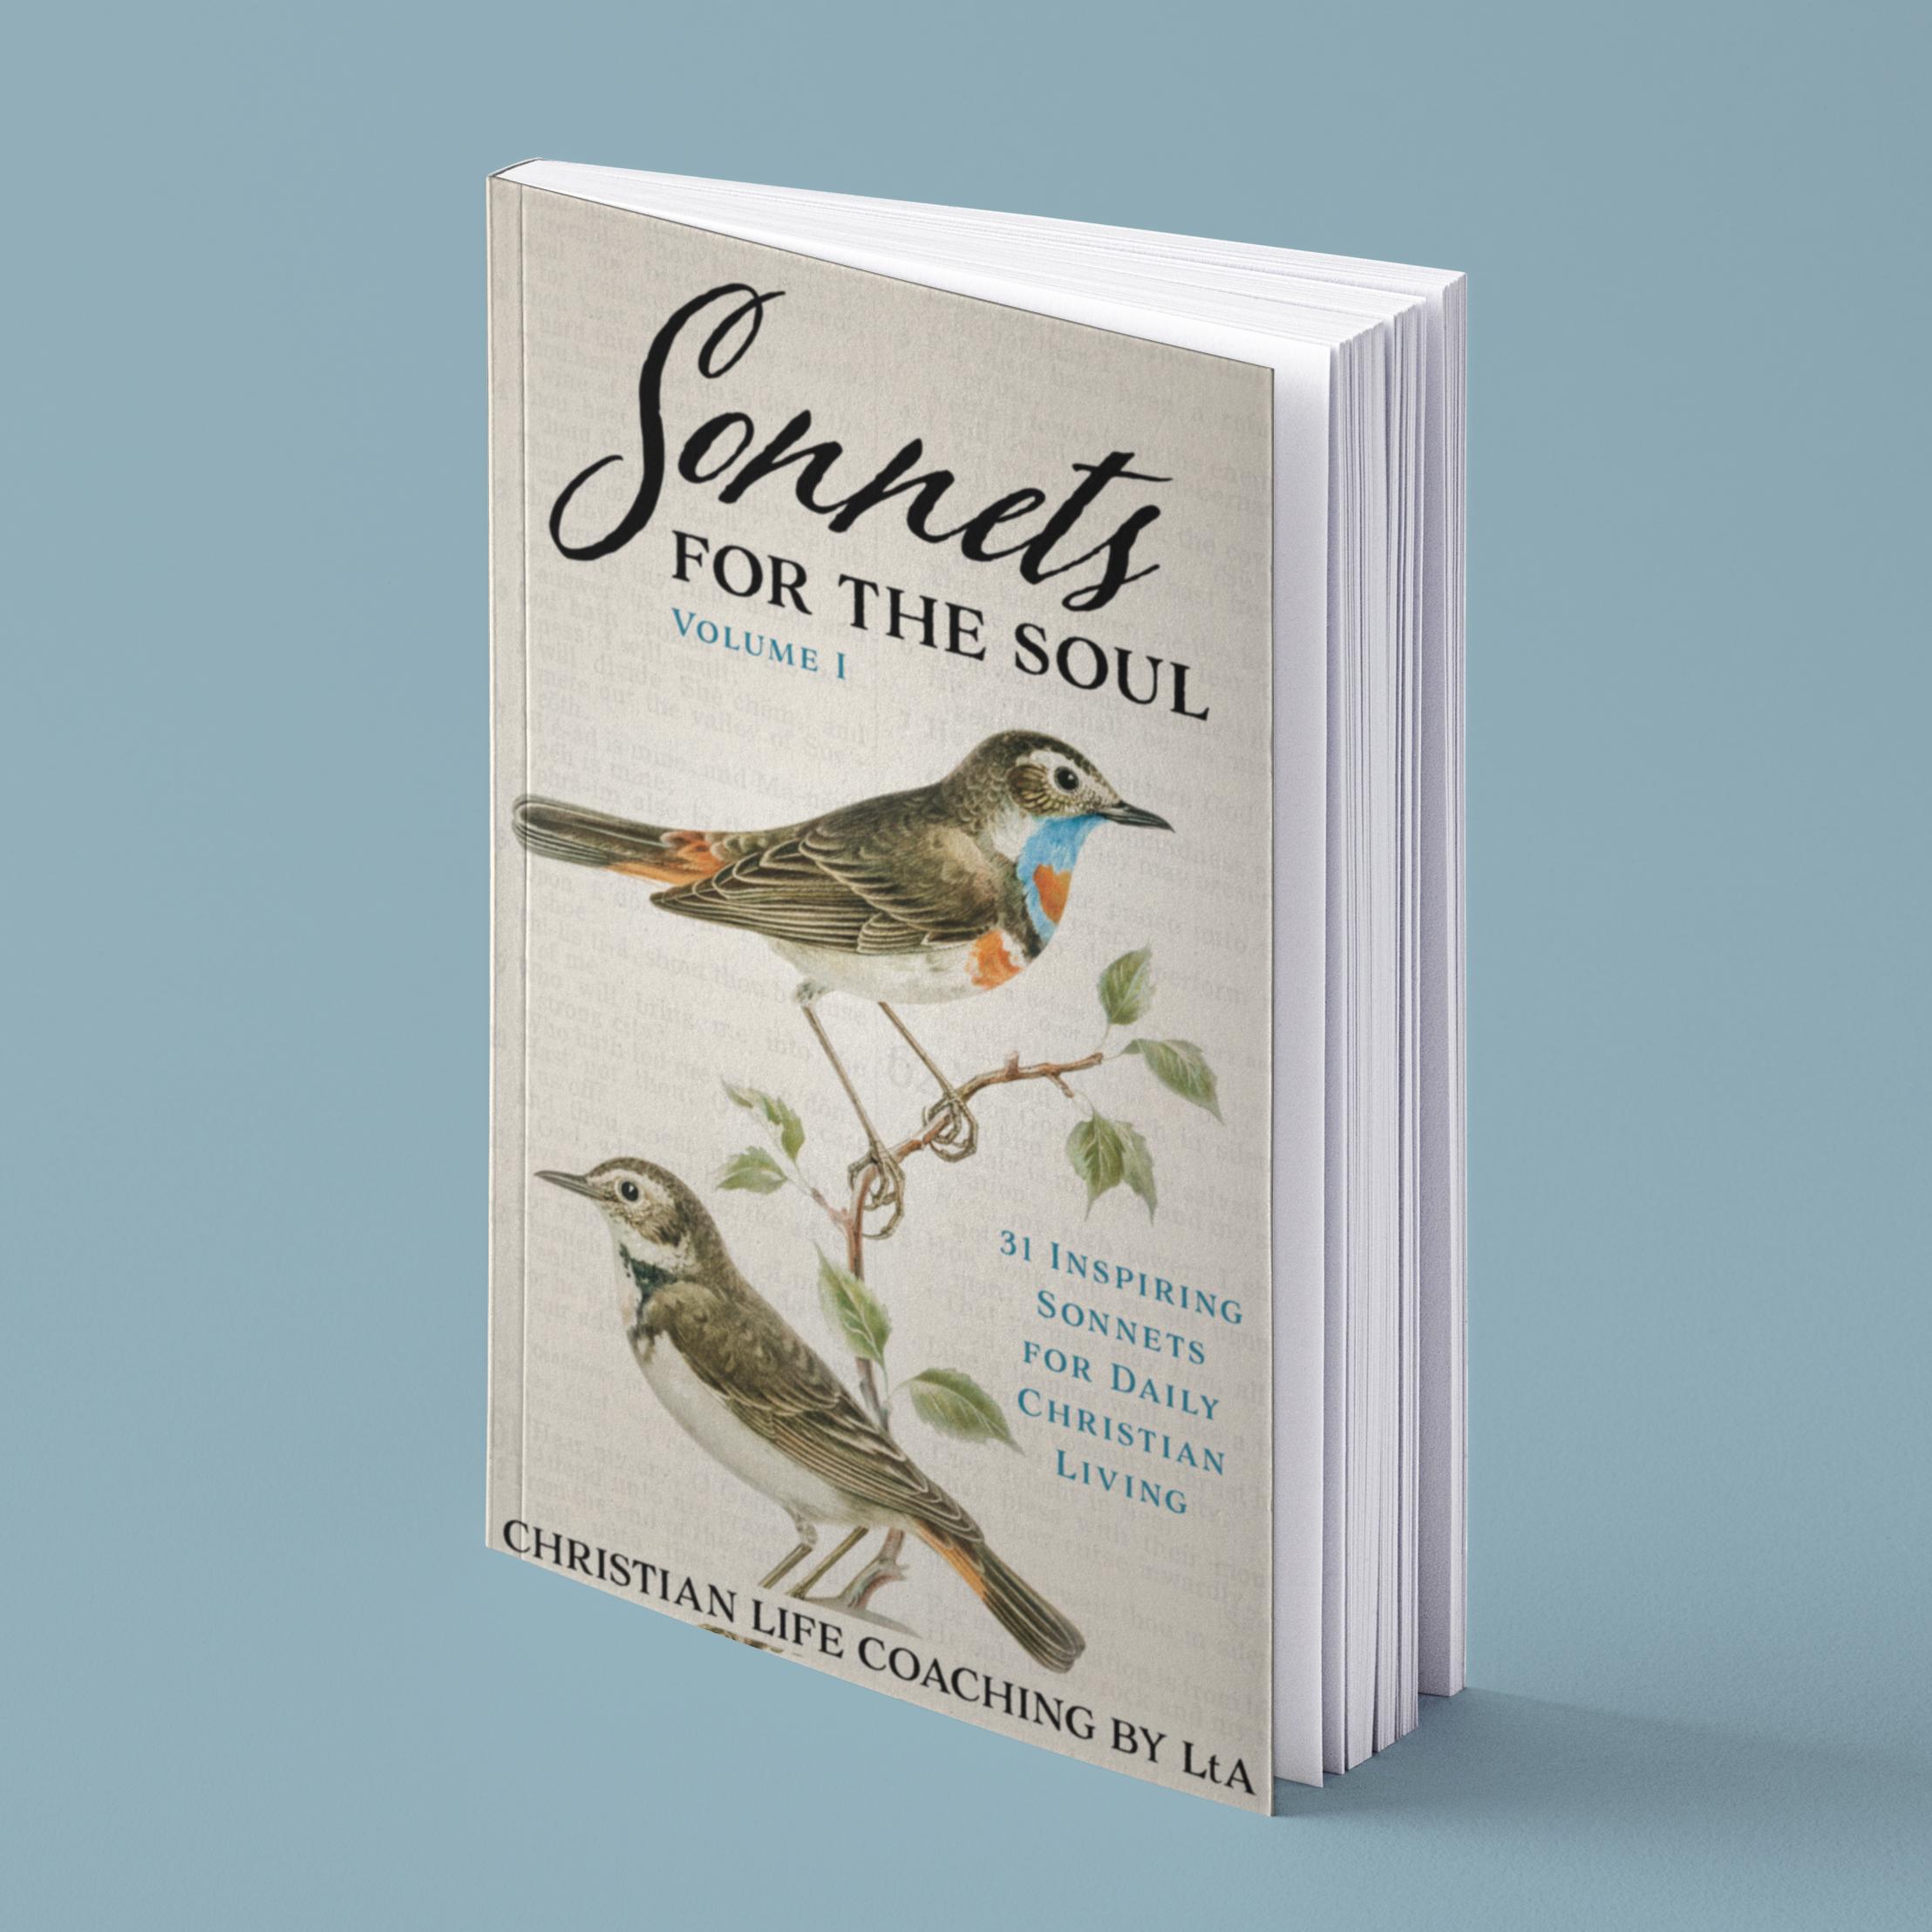 Sonnets for the Soul - 31 Inspiring Sonnets for Daily Christian Living. Volume I